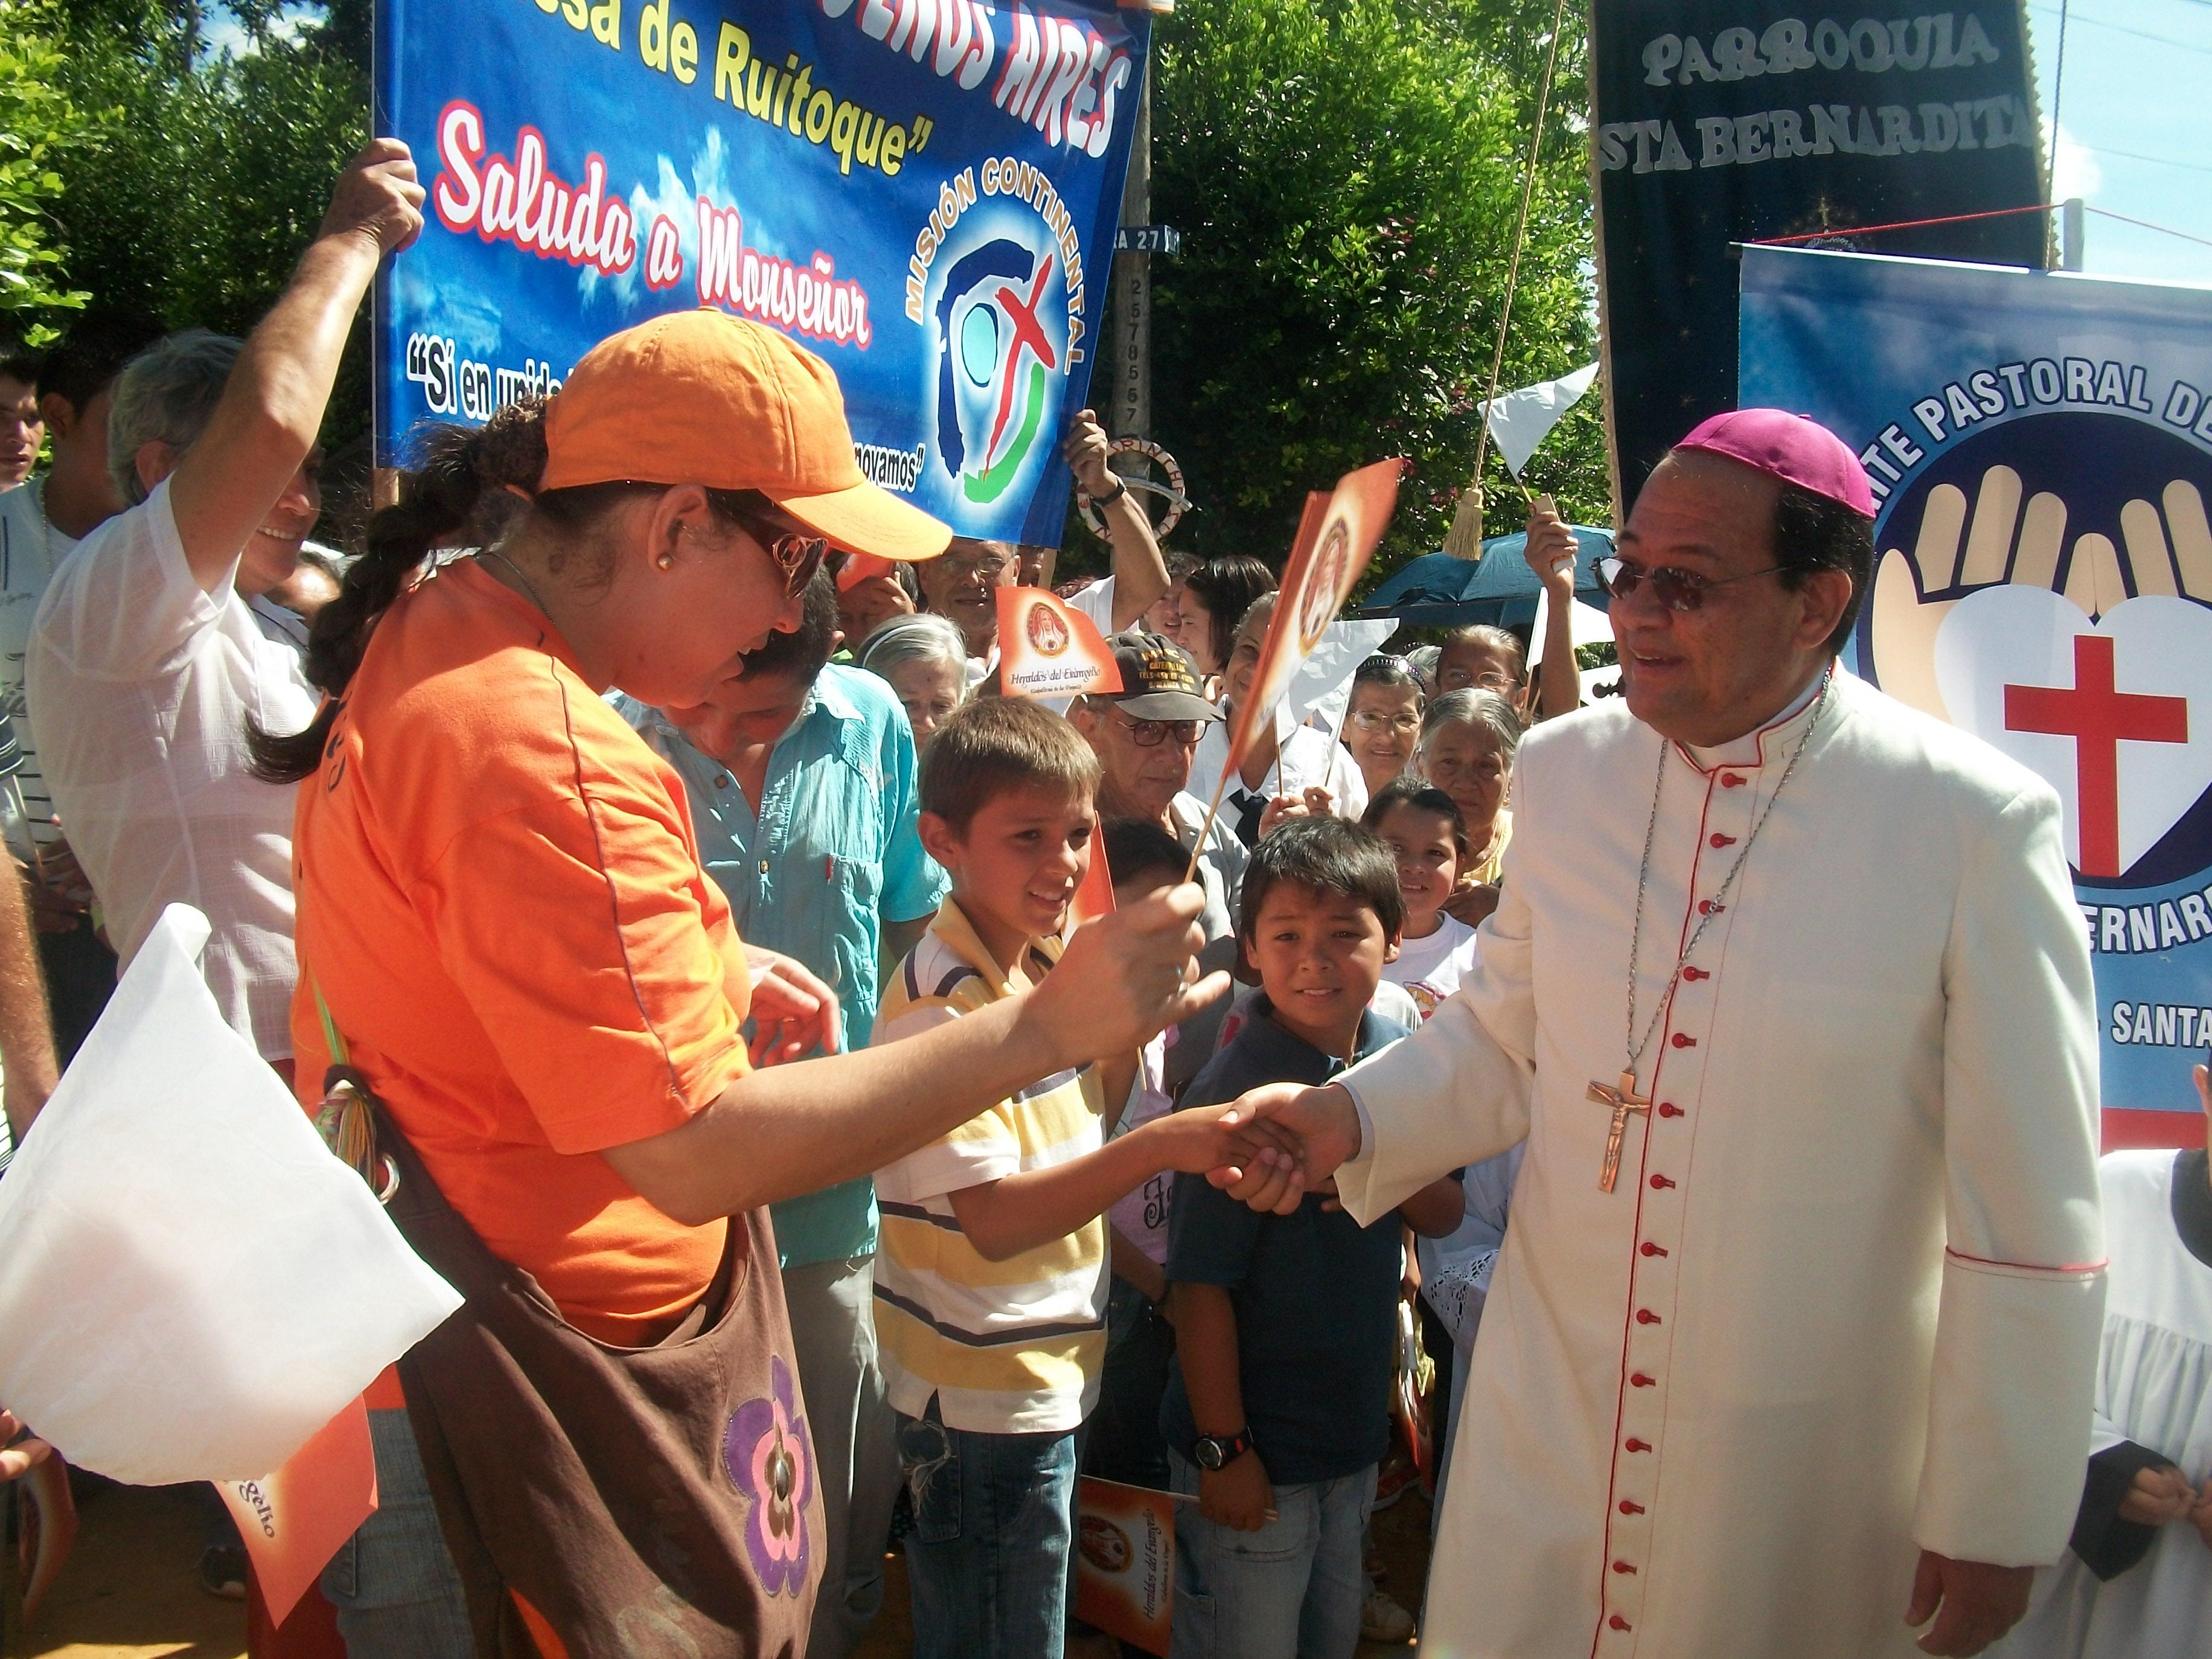 Arzobispo anunció cambios y nombramientos. Remezón en la Iglesia Católica de Bucaramanga   | Bucaramanga | Metro | EL FRENTE